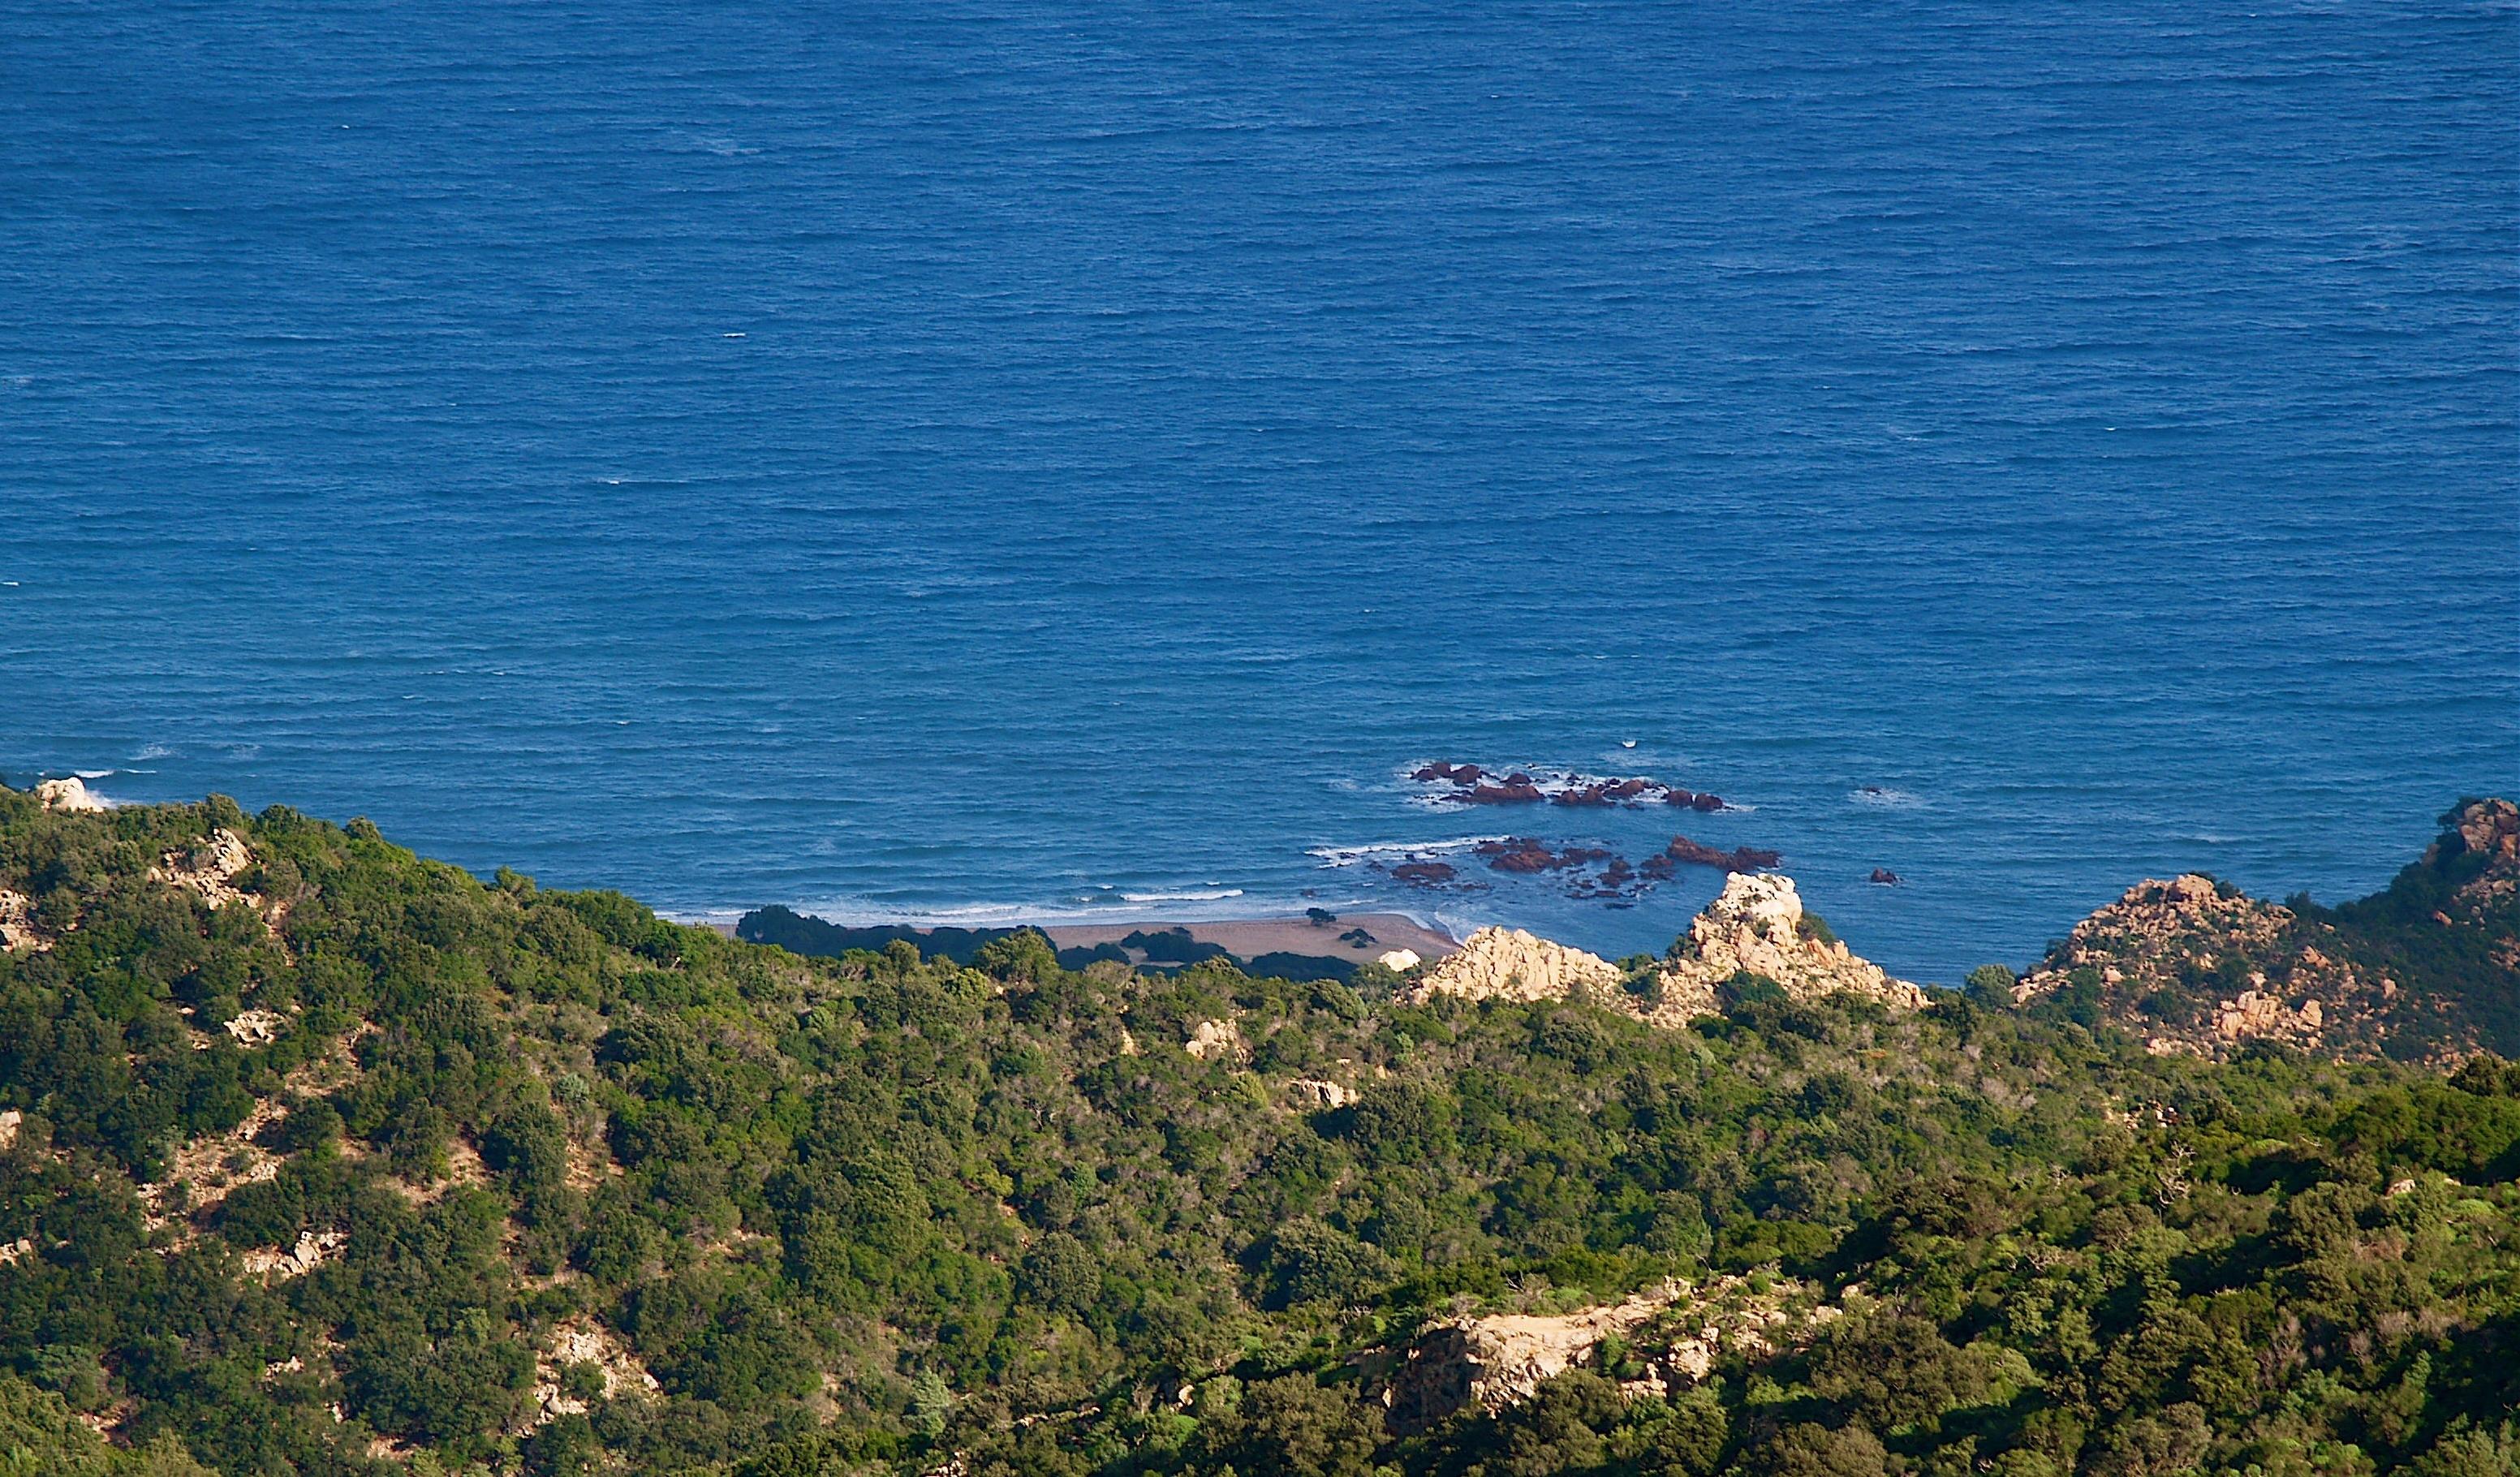 La bellissima punta della spiaggia di ciotoli di Coccorocci, una delle più estese della Sardegna, vista da Tacca Abba Canuda.